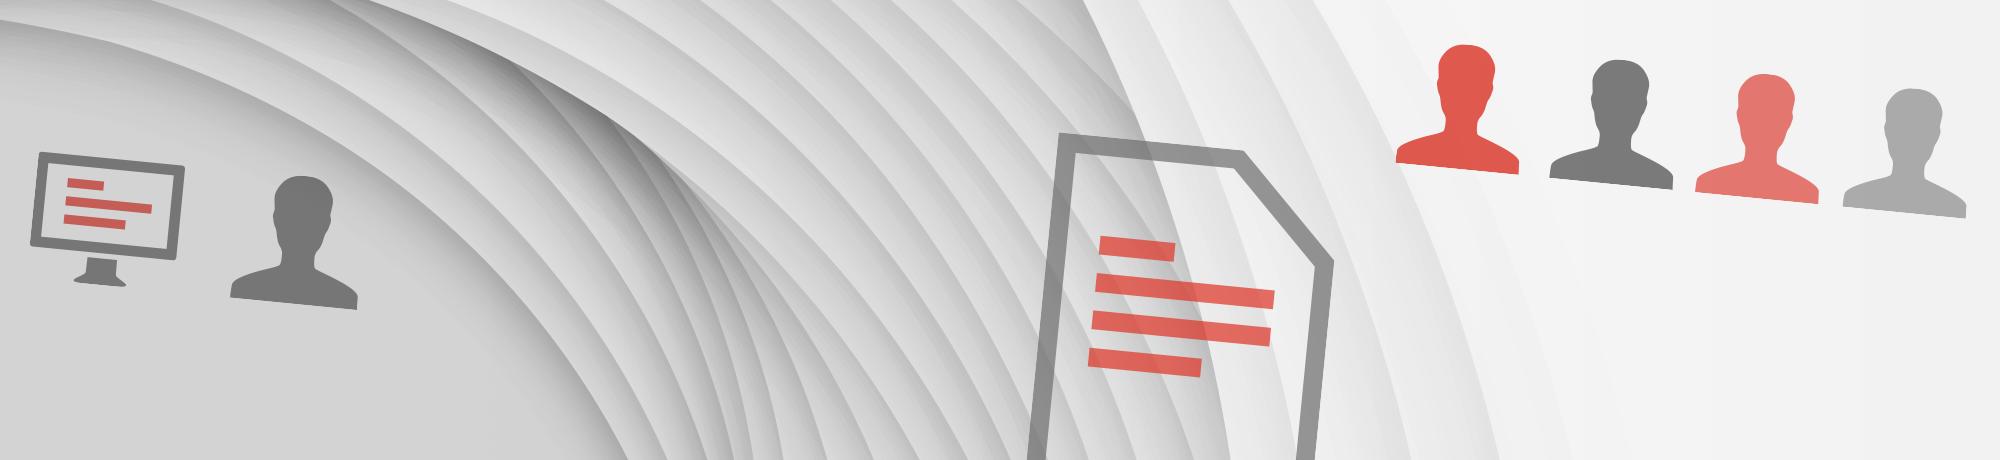 Banner - Datenschutz automatisieren mit otris software